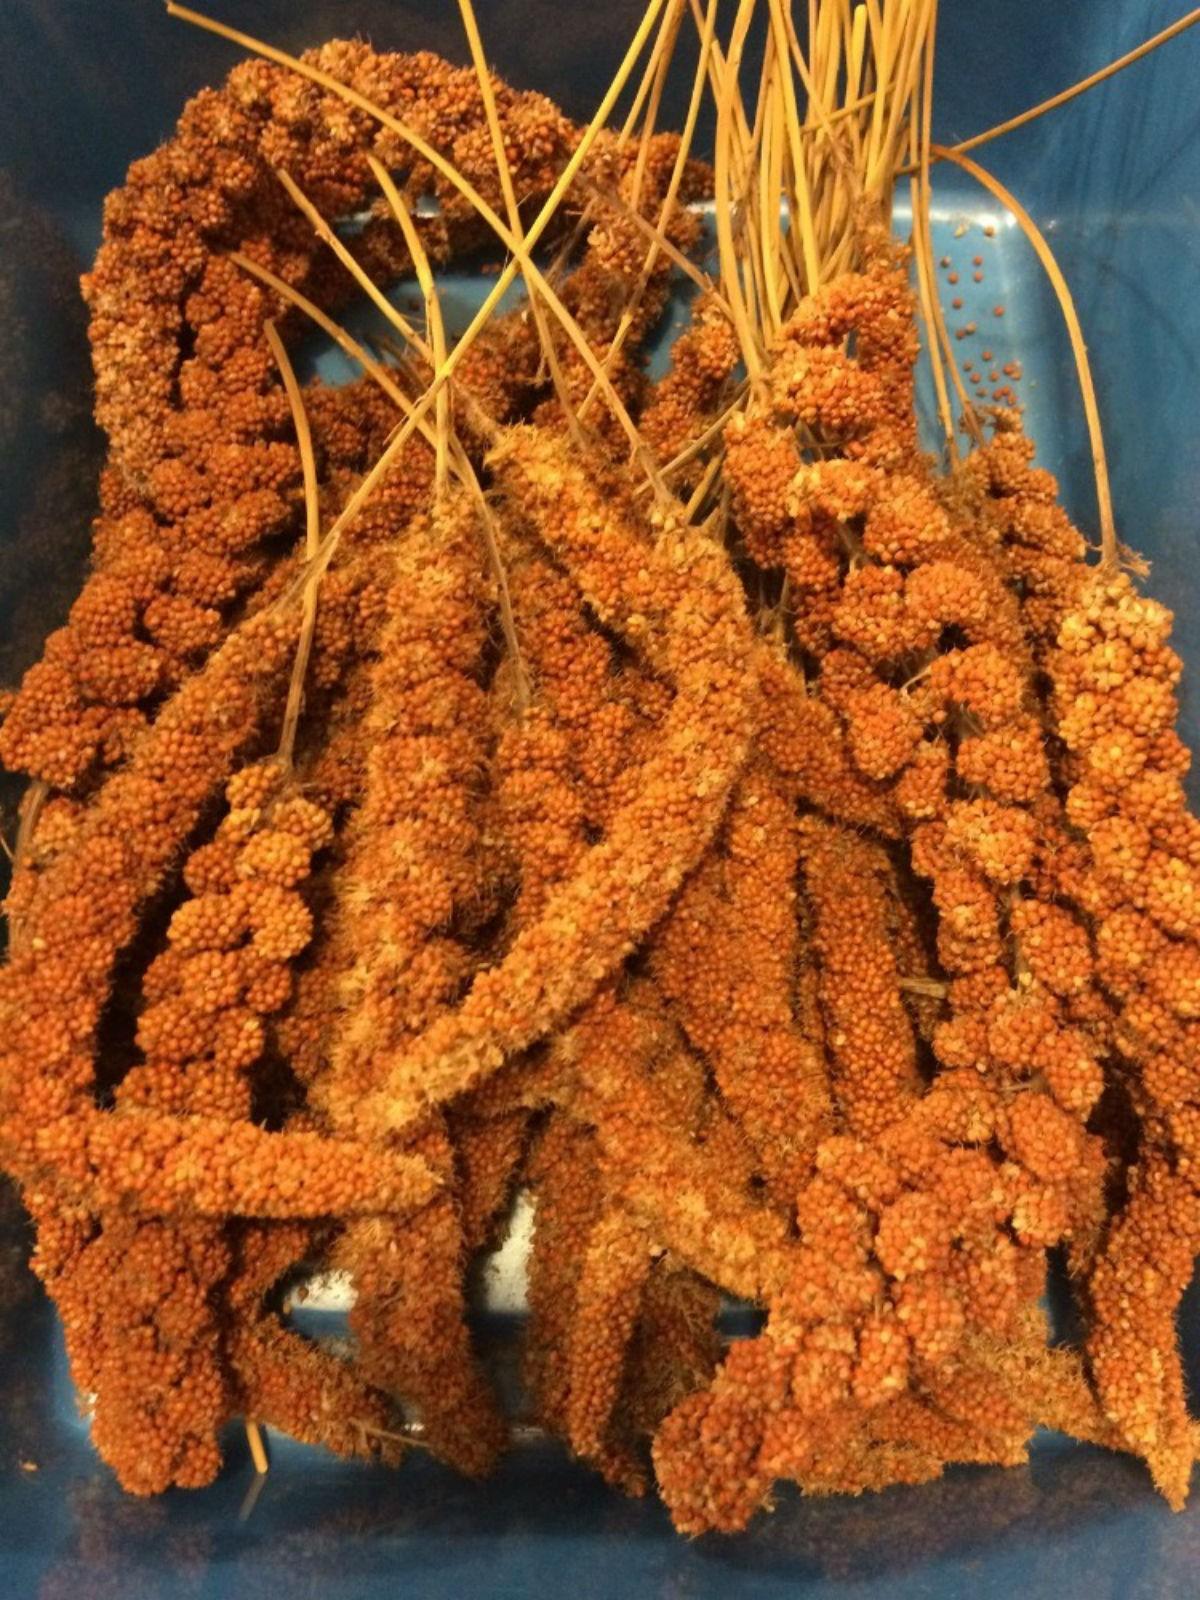 Senegalese millet 1kg